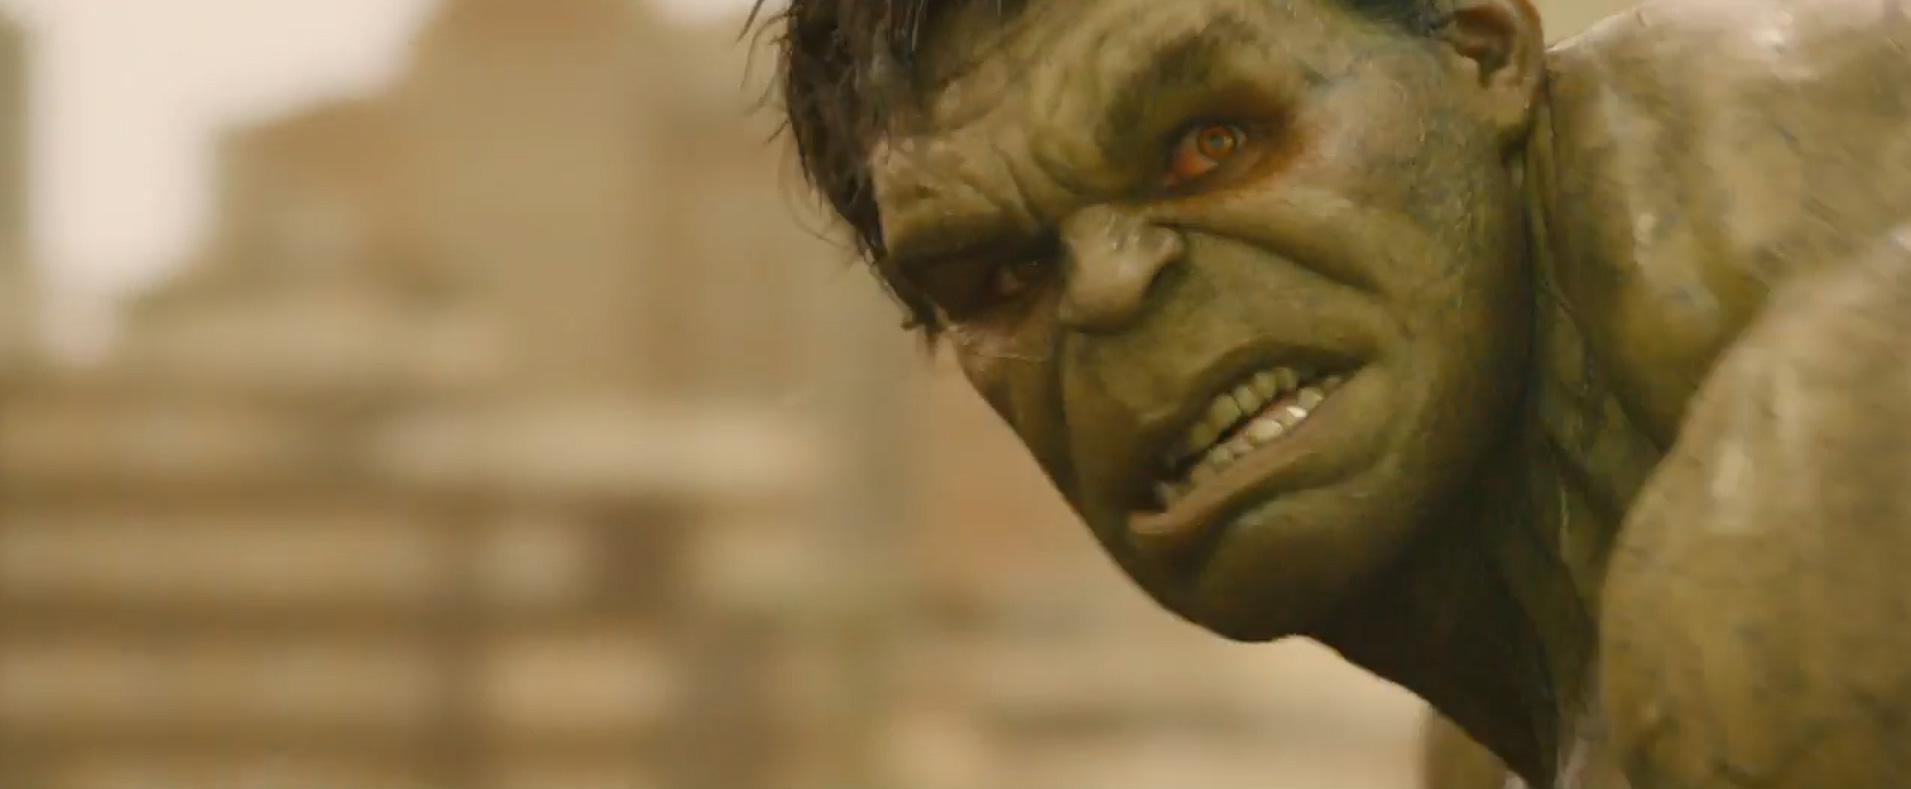 """Miałem rację – """"Avengers: Age of Ultron"""" to pozszywany Frankenstein. Przyznaje to sam reżyser"""